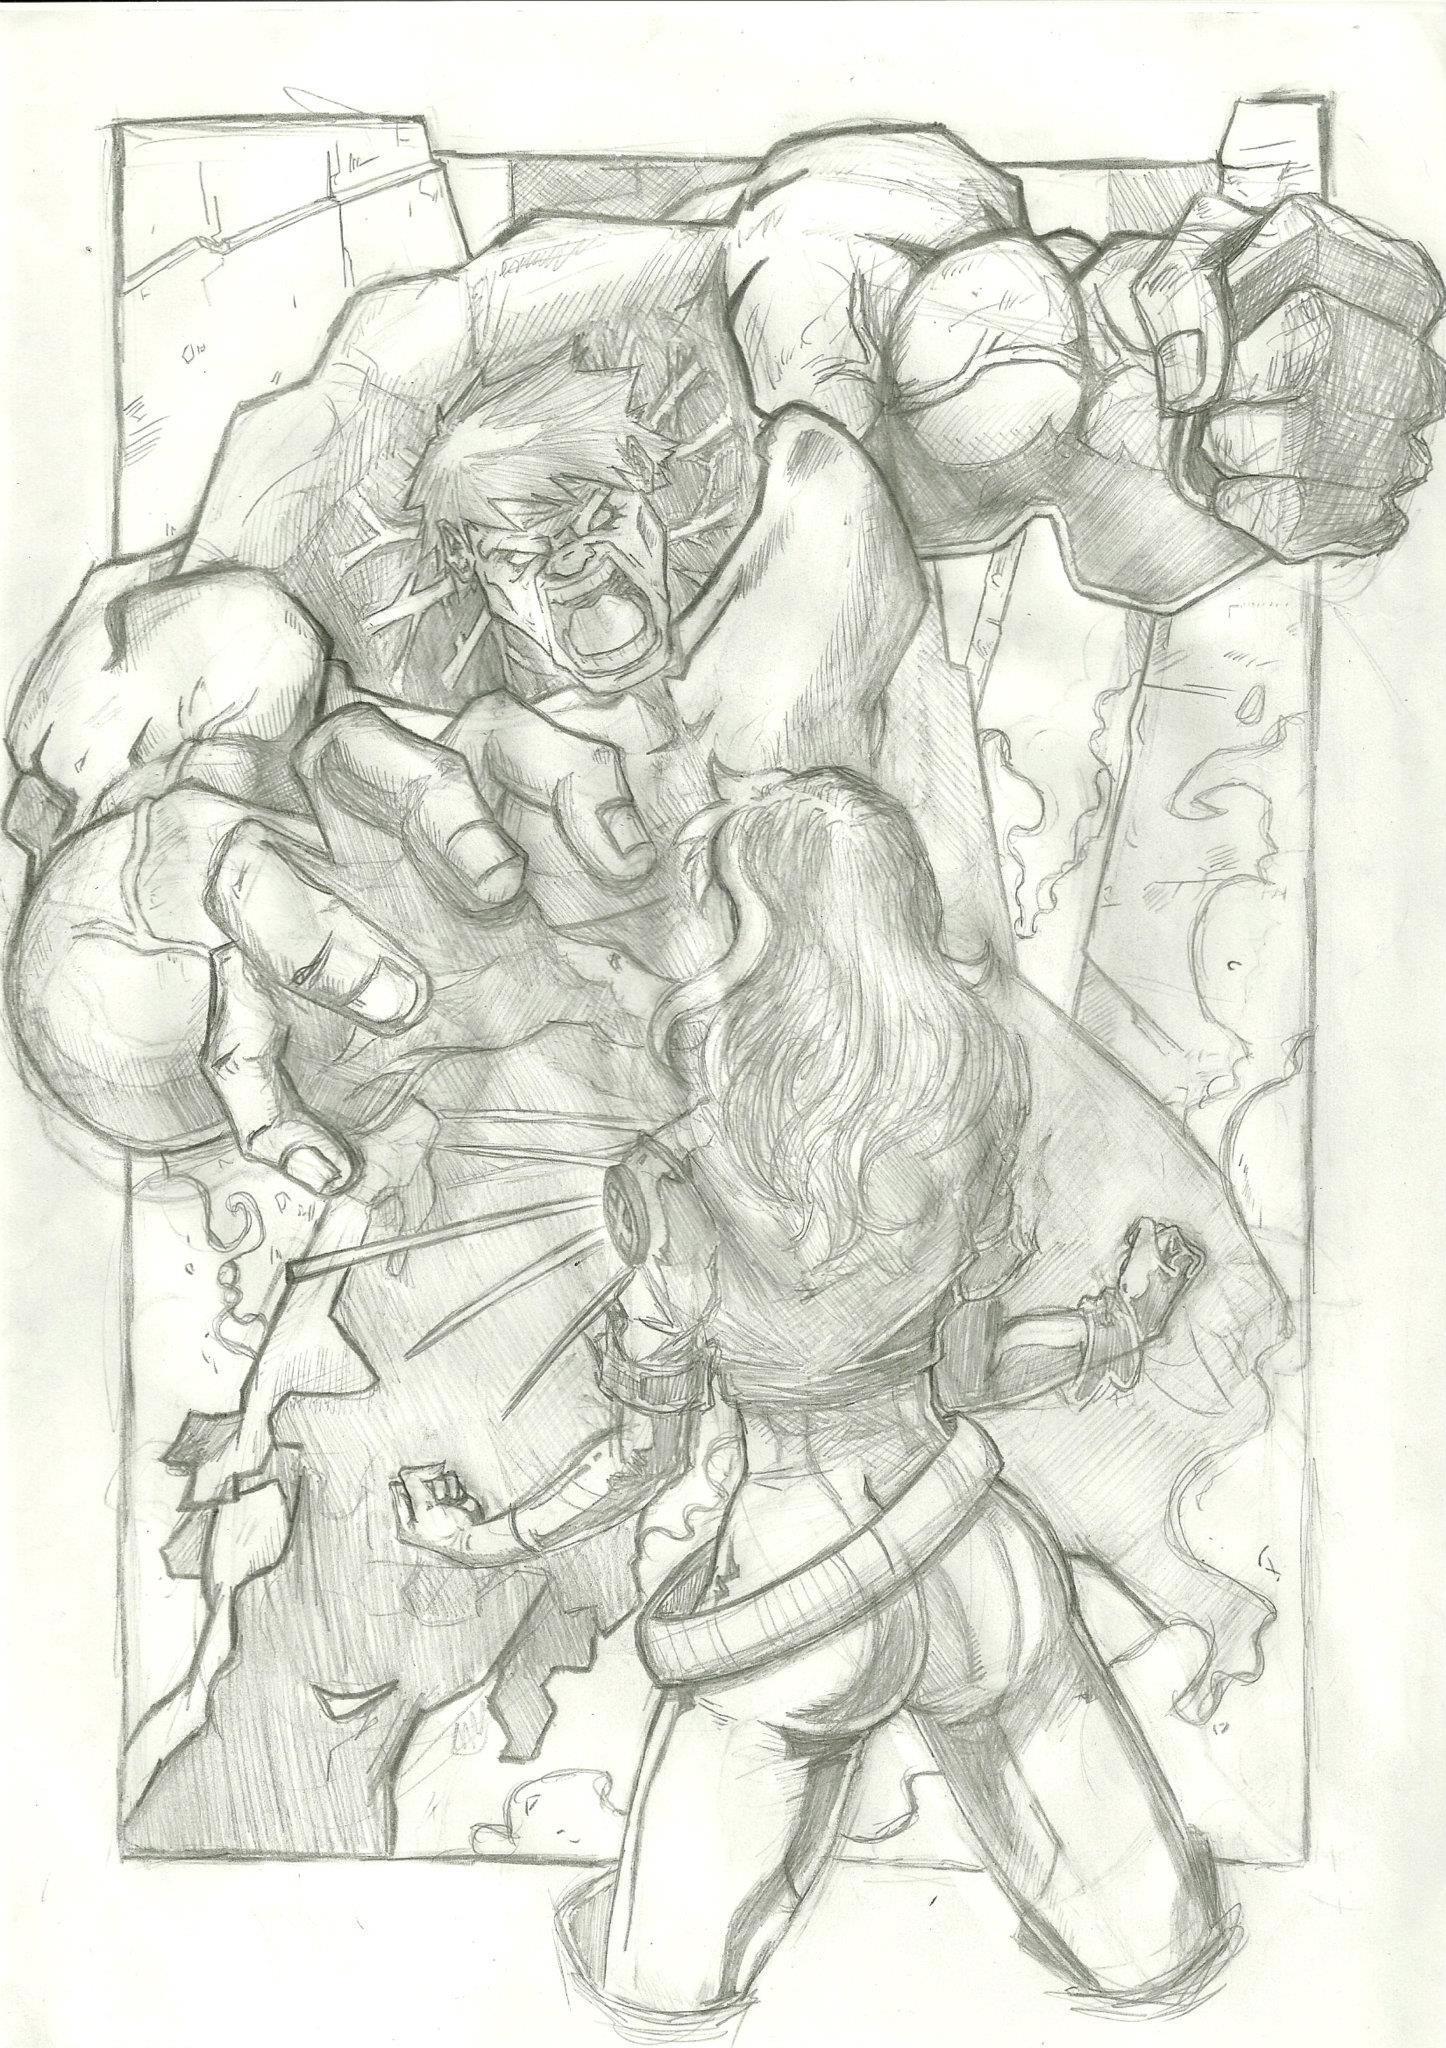 Hulk vs Rogue